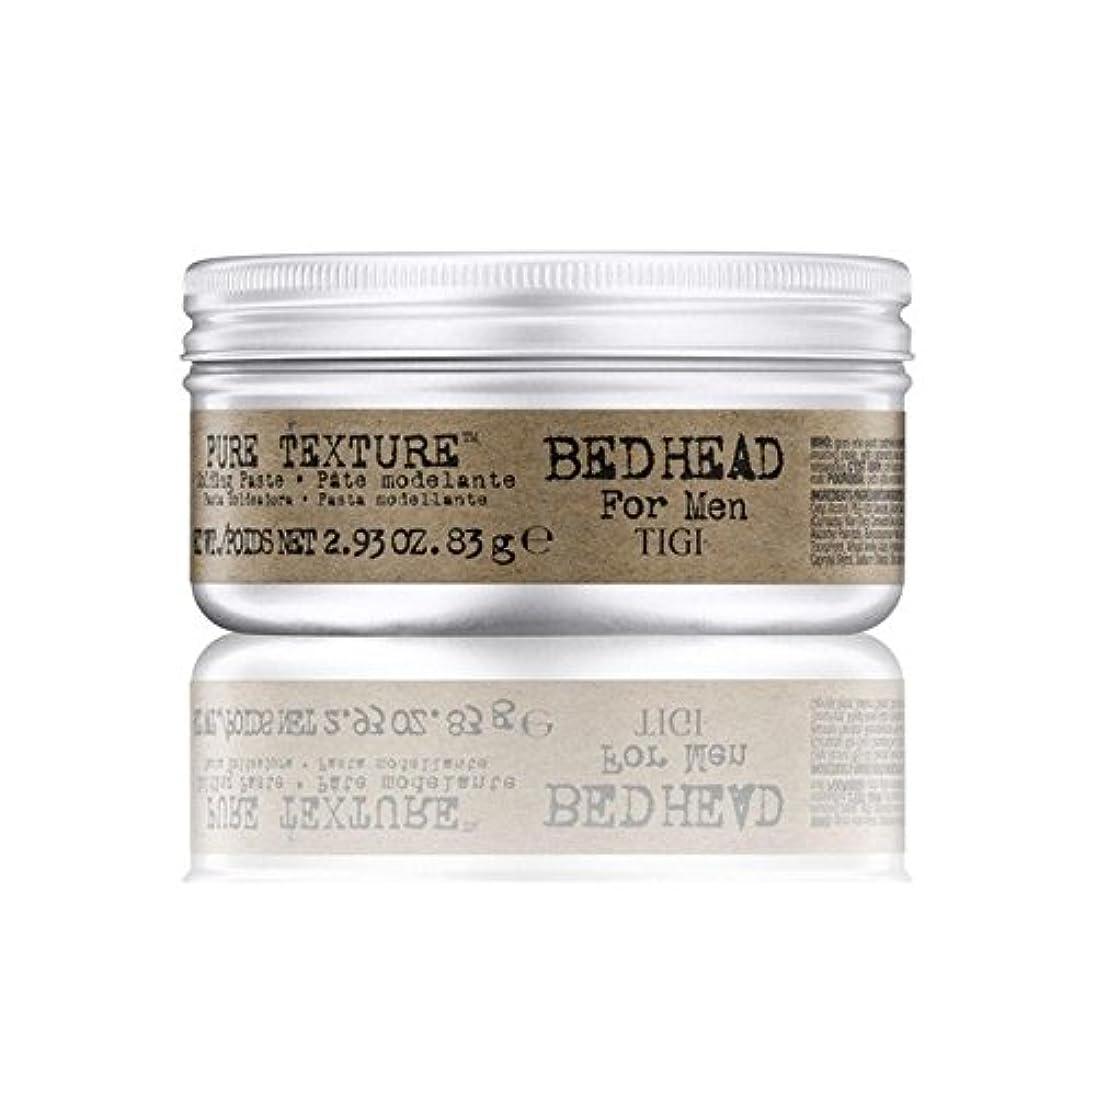 炎上トンピカソTigi Bed Head For Men Pure Texture Molding Paste (83G) - 男性の純粋なテクスチャーモールディングペースト(83グラム)のためのティジーベッドヘッド [並行輸入品]